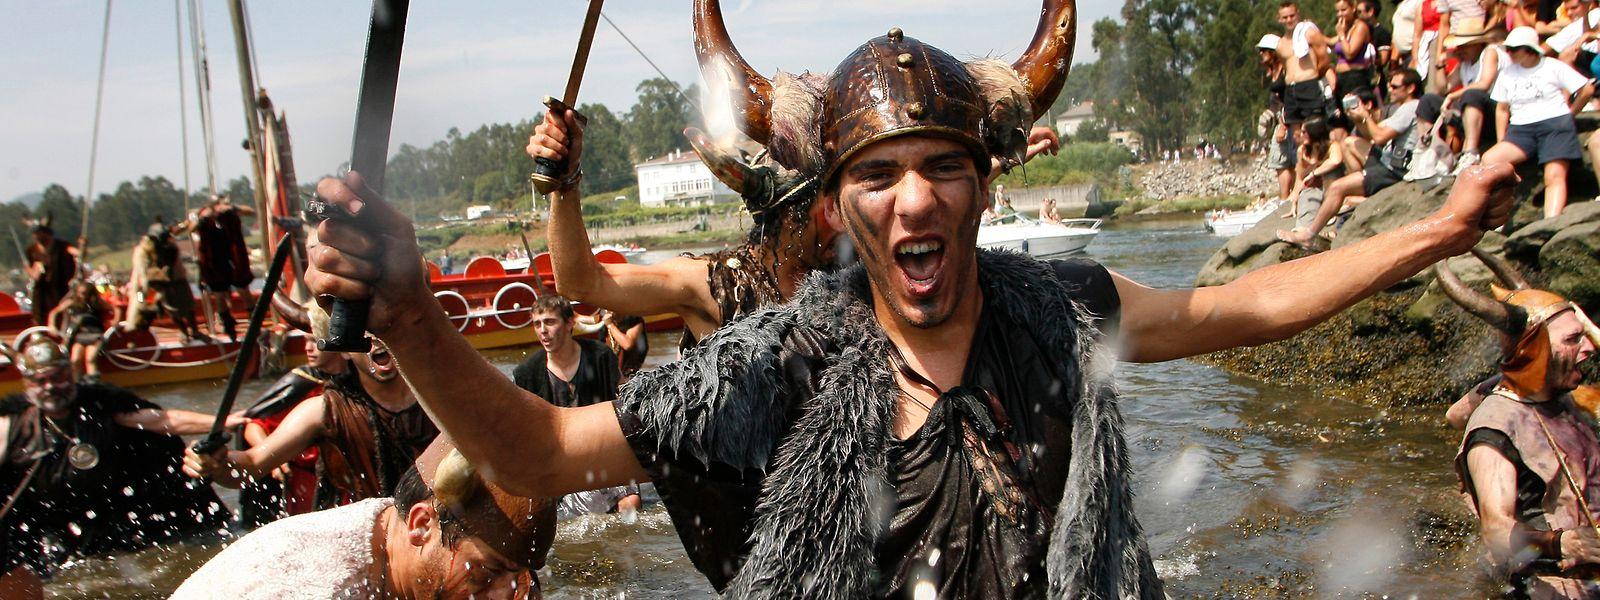 Die Faszination für Wikinger strahlt weit aus: Im spanischen Catoira findet jährlich im August ein Wikingerfest statt.